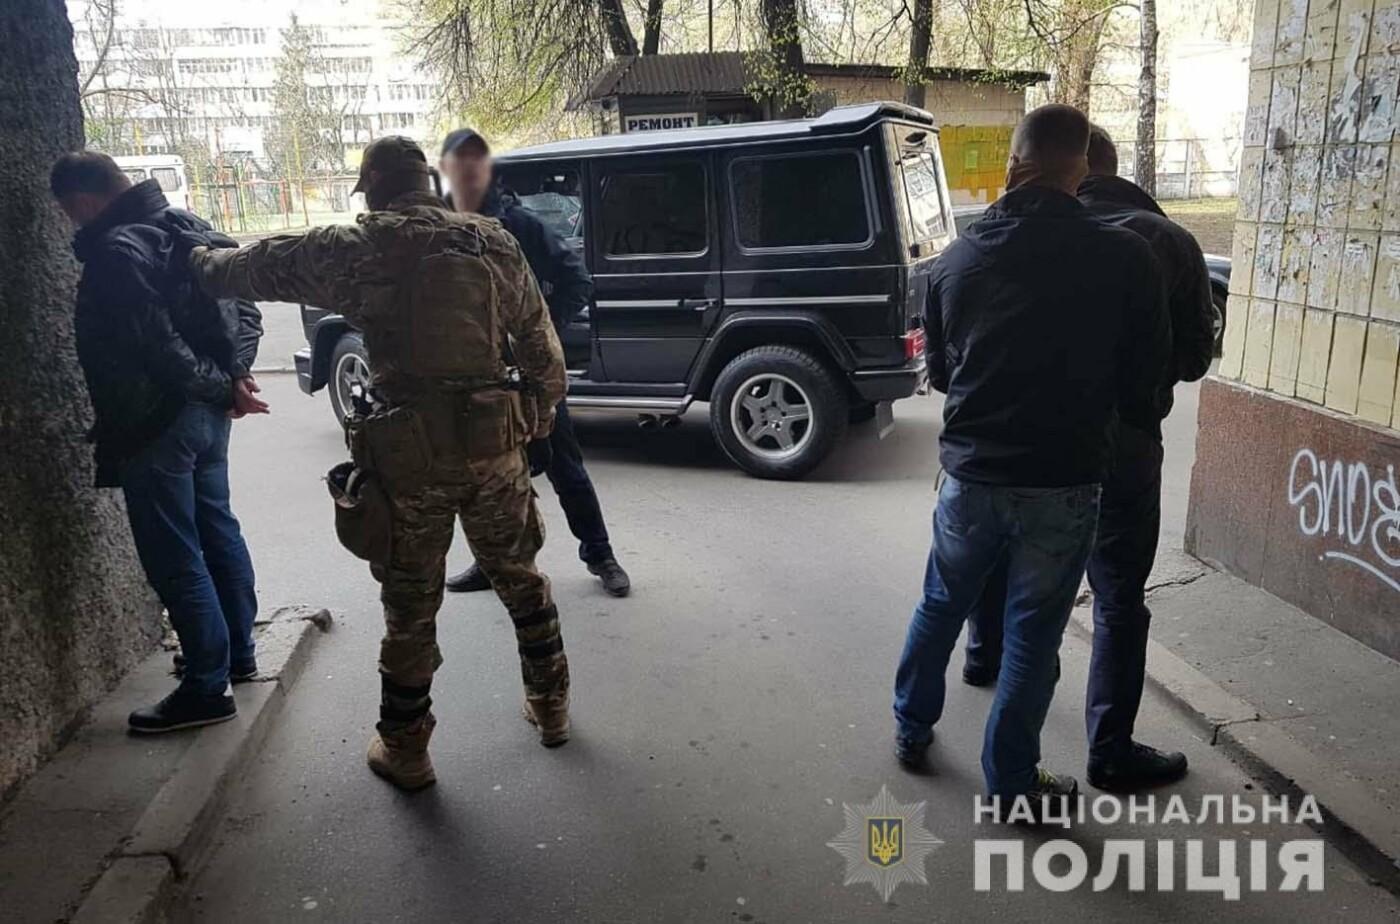 Хмельницькі поліцейські за підозрою у розбійному нападі затримали злочинну групу зі столиці , фото-4